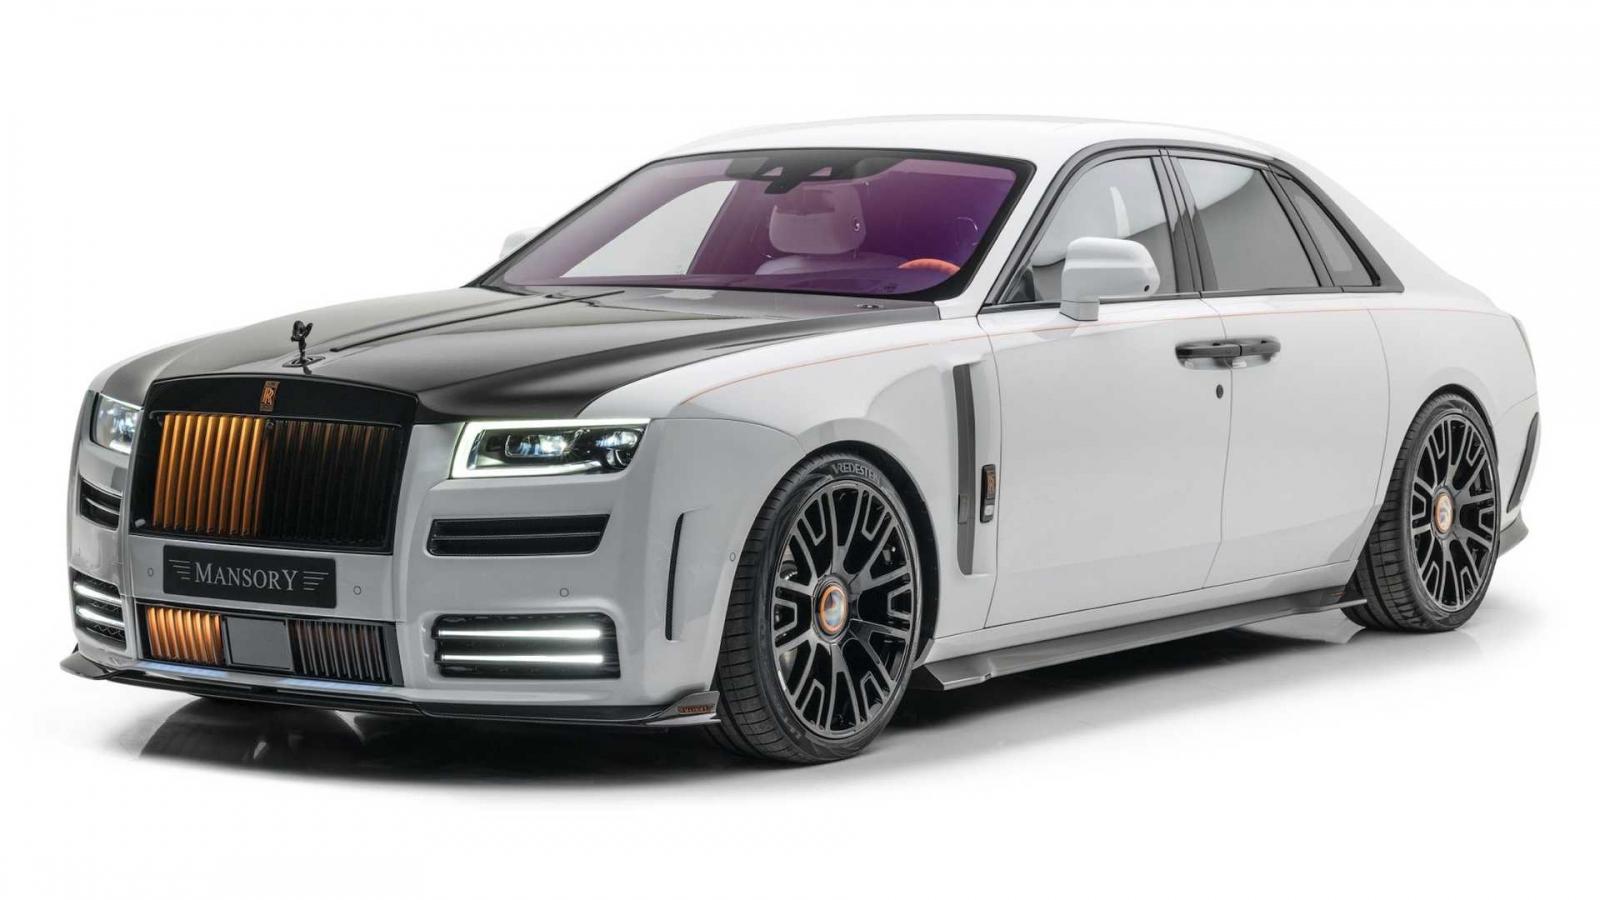 Cận cảnh gói độ Mansory cực chất của Rolls-Royce Ghost thế hệ mới